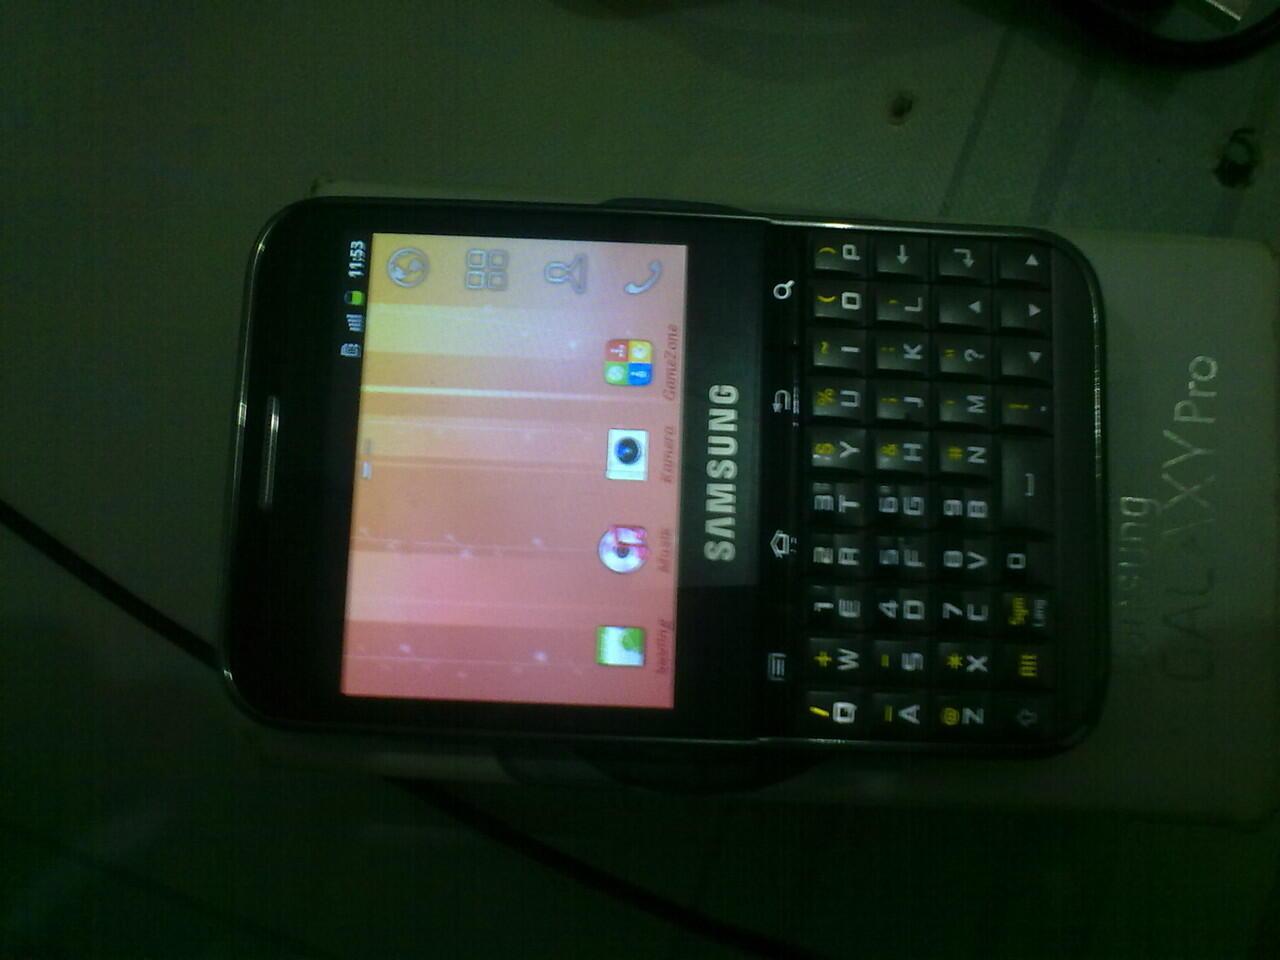 Jual Samsung Galaxy Pro GT-B7510 DJOGJA